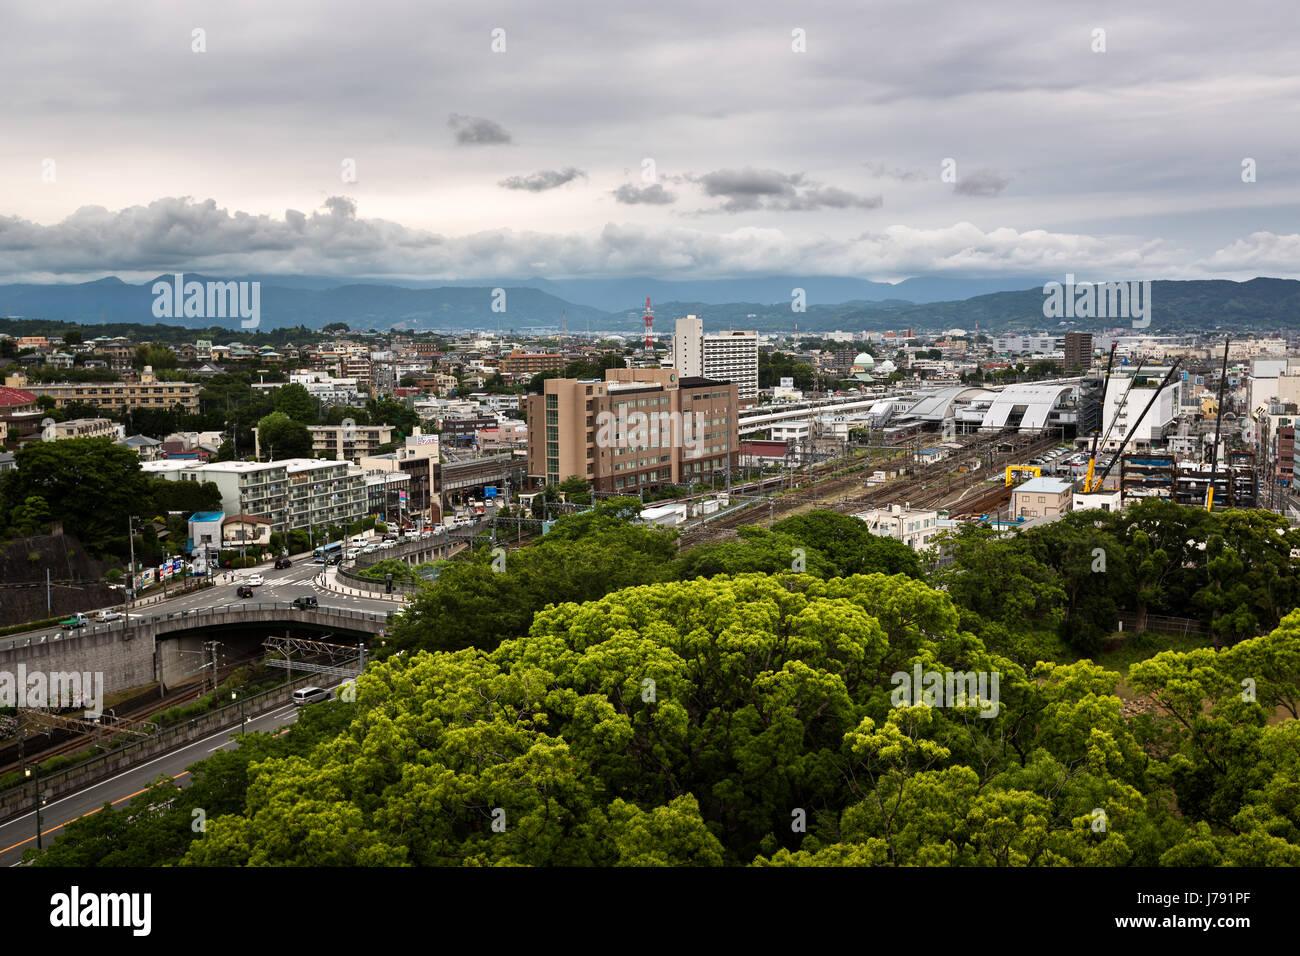 ODAWARA, JAPAN - JUNE 8, 2015: Aerial View of  Odawara city in Kanagawa prefecture, Japan. Odawara population is - Stock Image